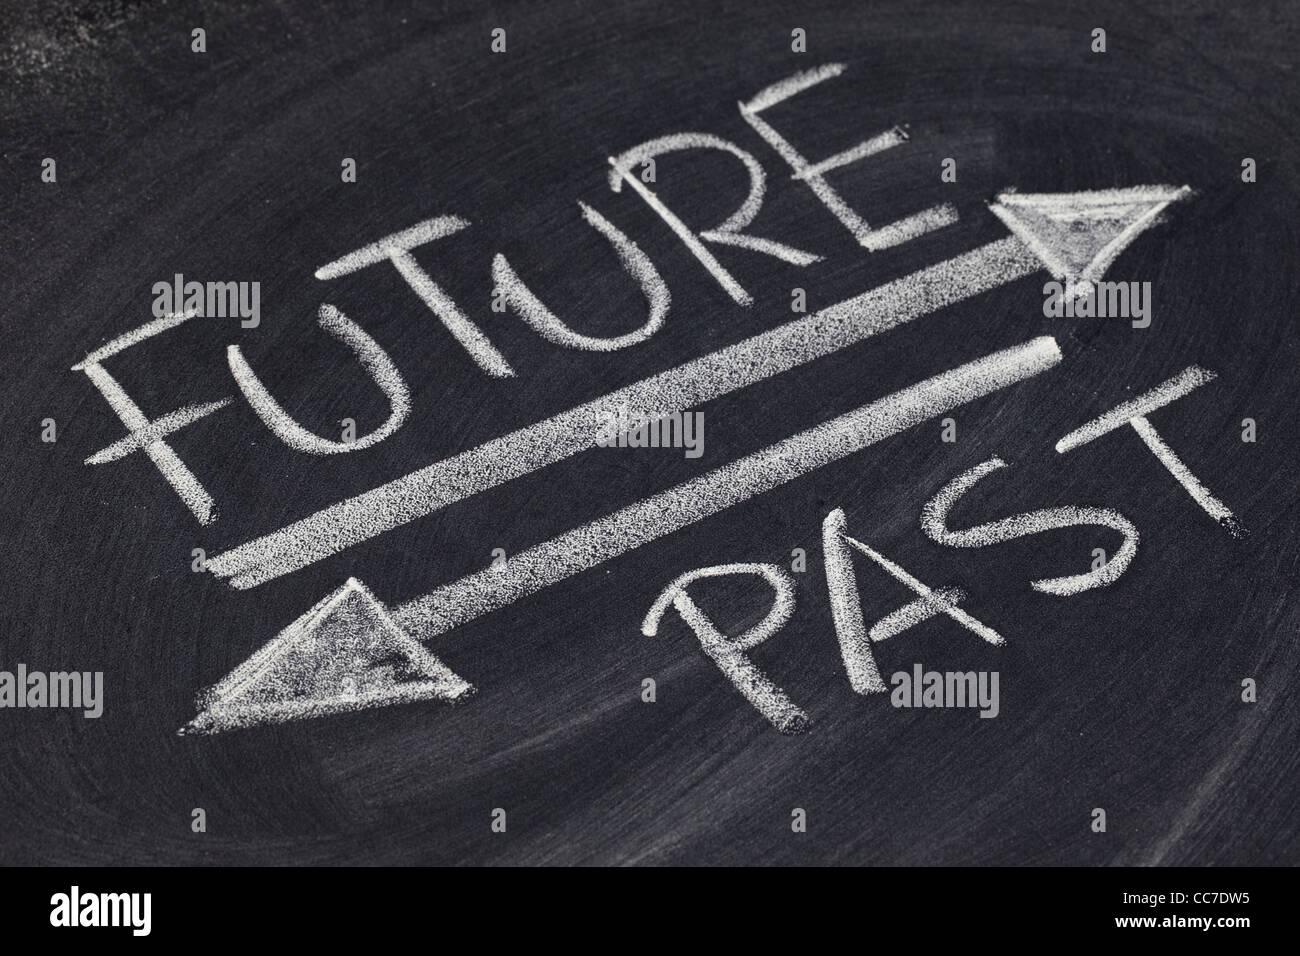 Futuro e passato concetto - bianco gesso scrittura e disegno sulla lavagna Immagini Stock